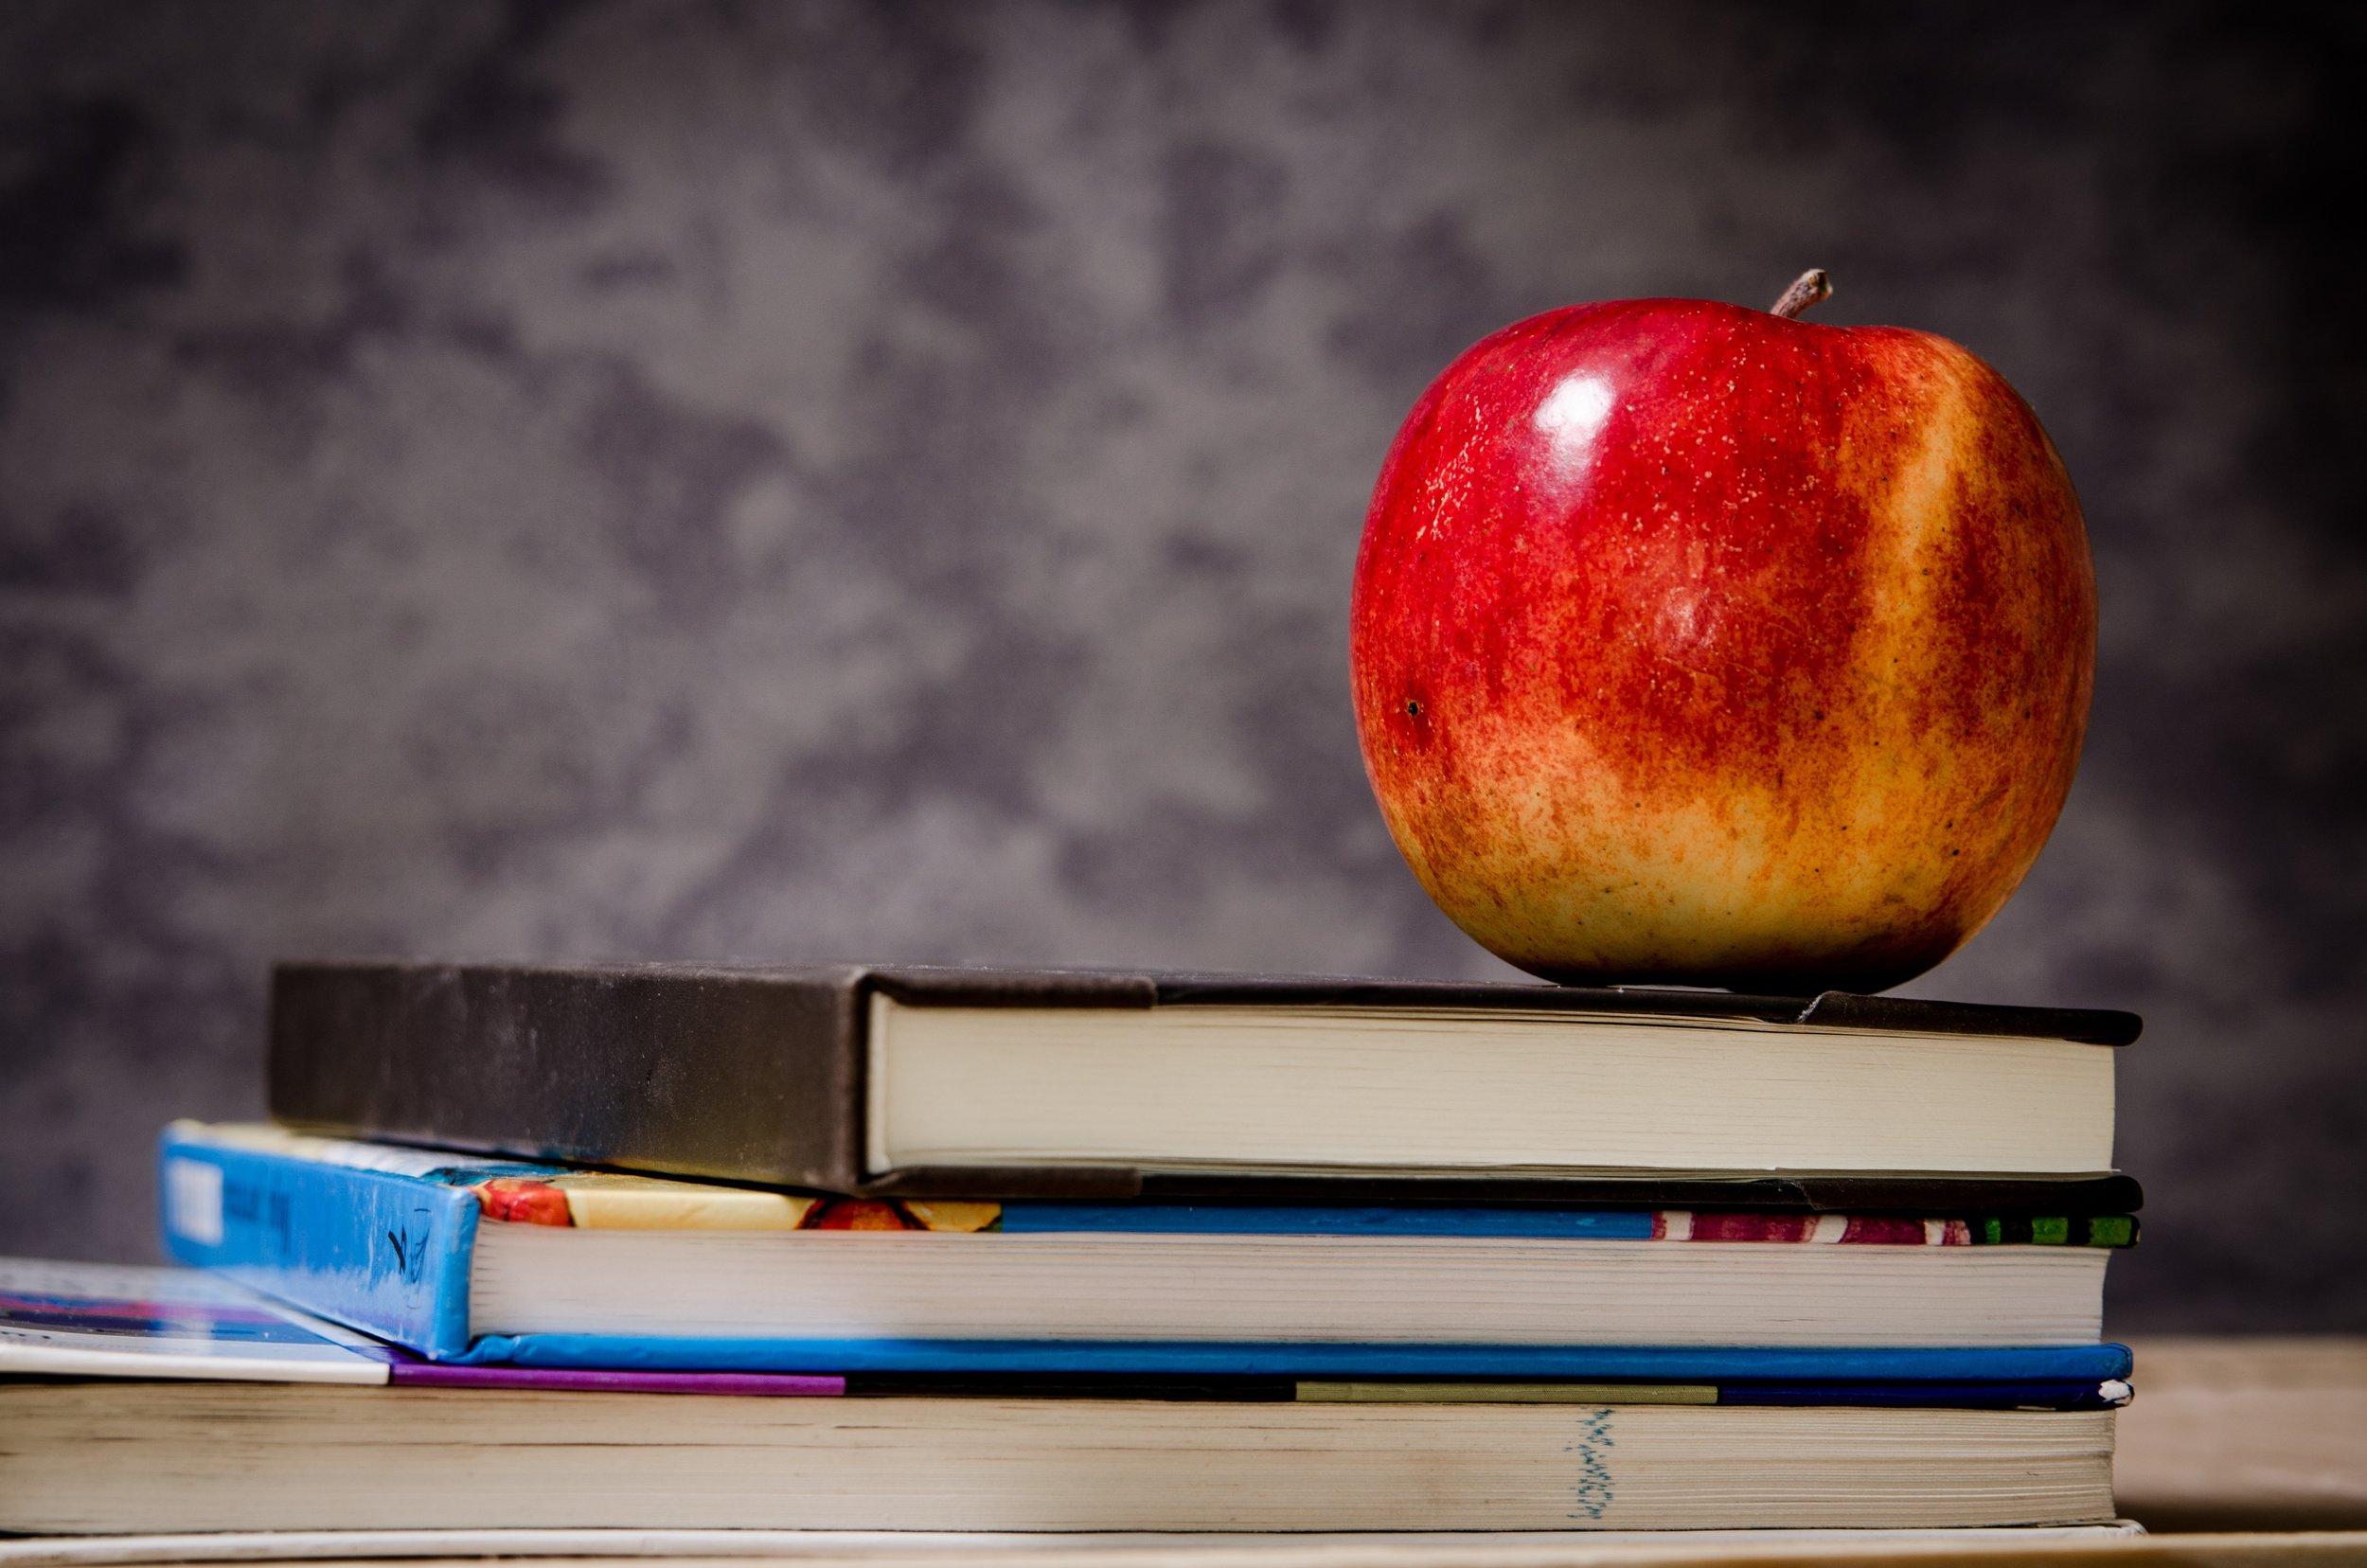 apple on books.jpeg